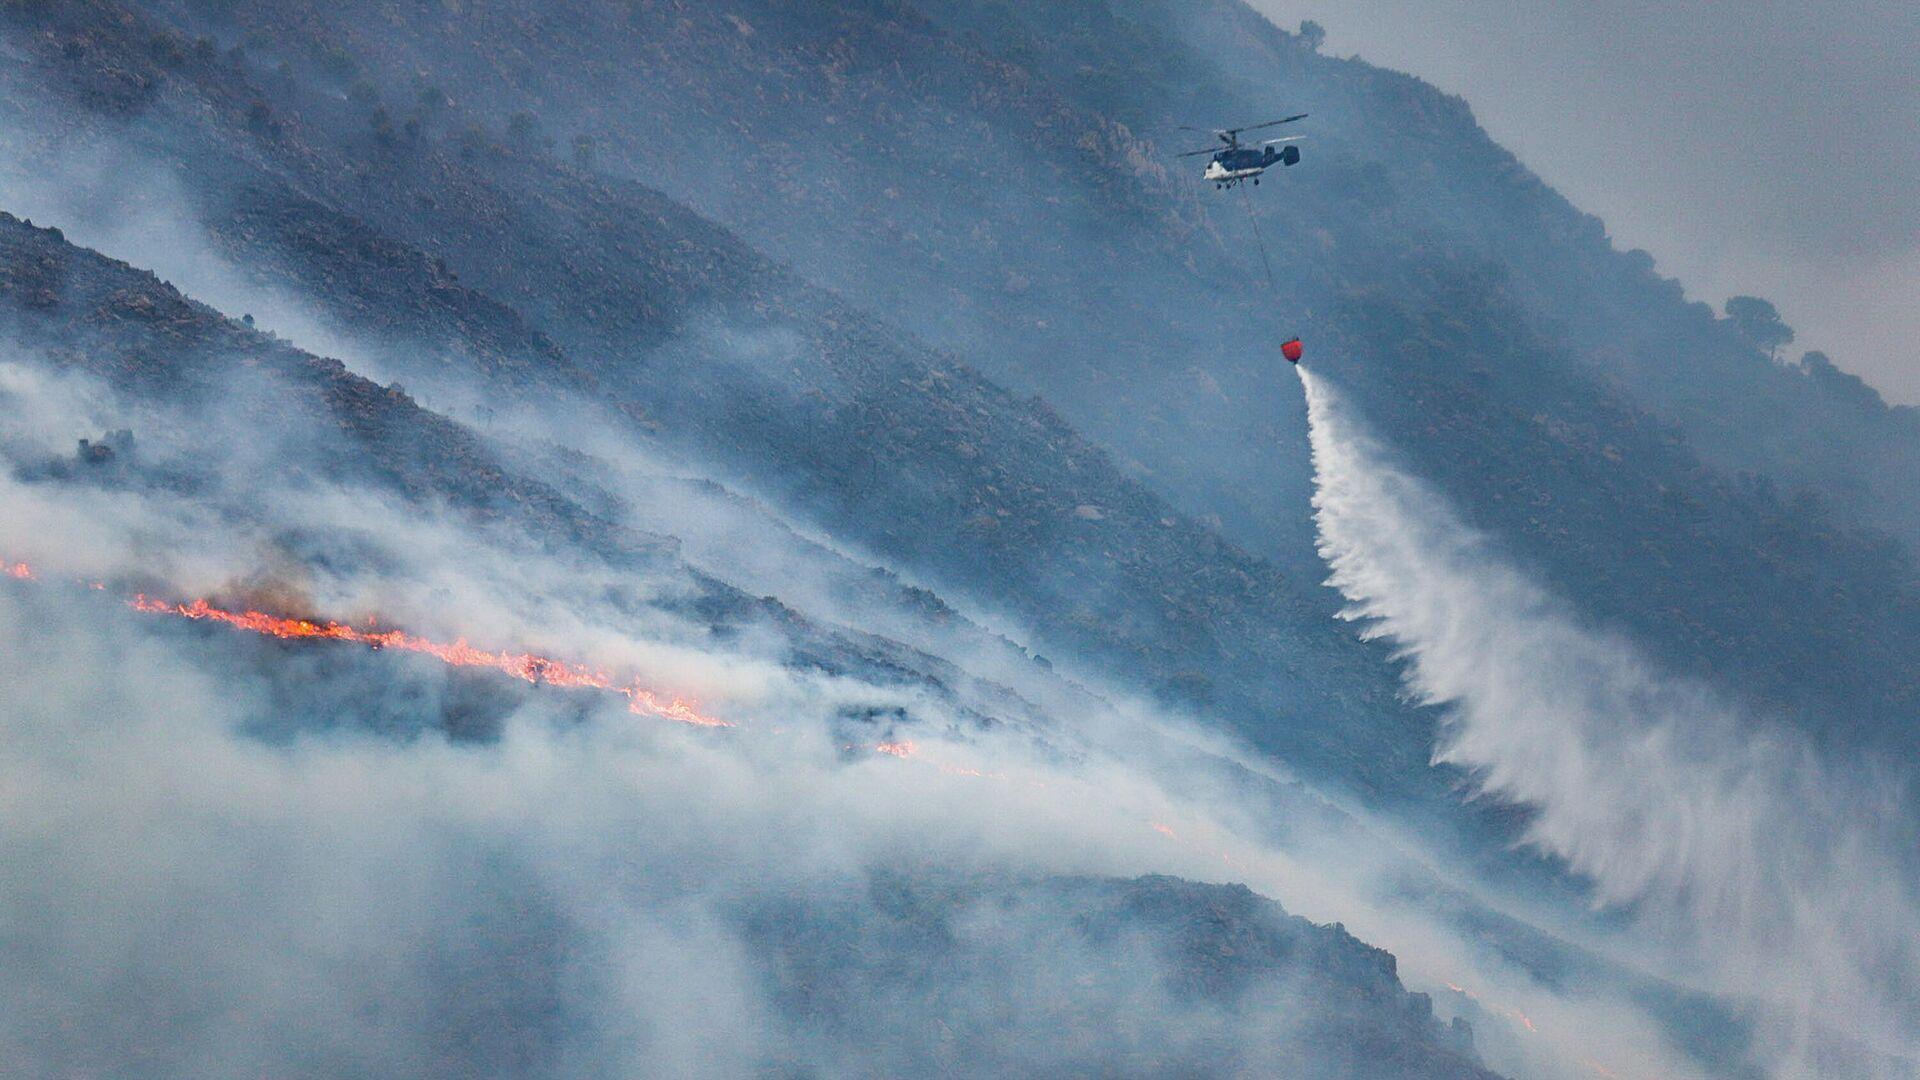 Helicópteros contra incendio intentando apagar el fuego de la Sierra Bermeja - Sputnik Mundo, 1920, 14.09.2021